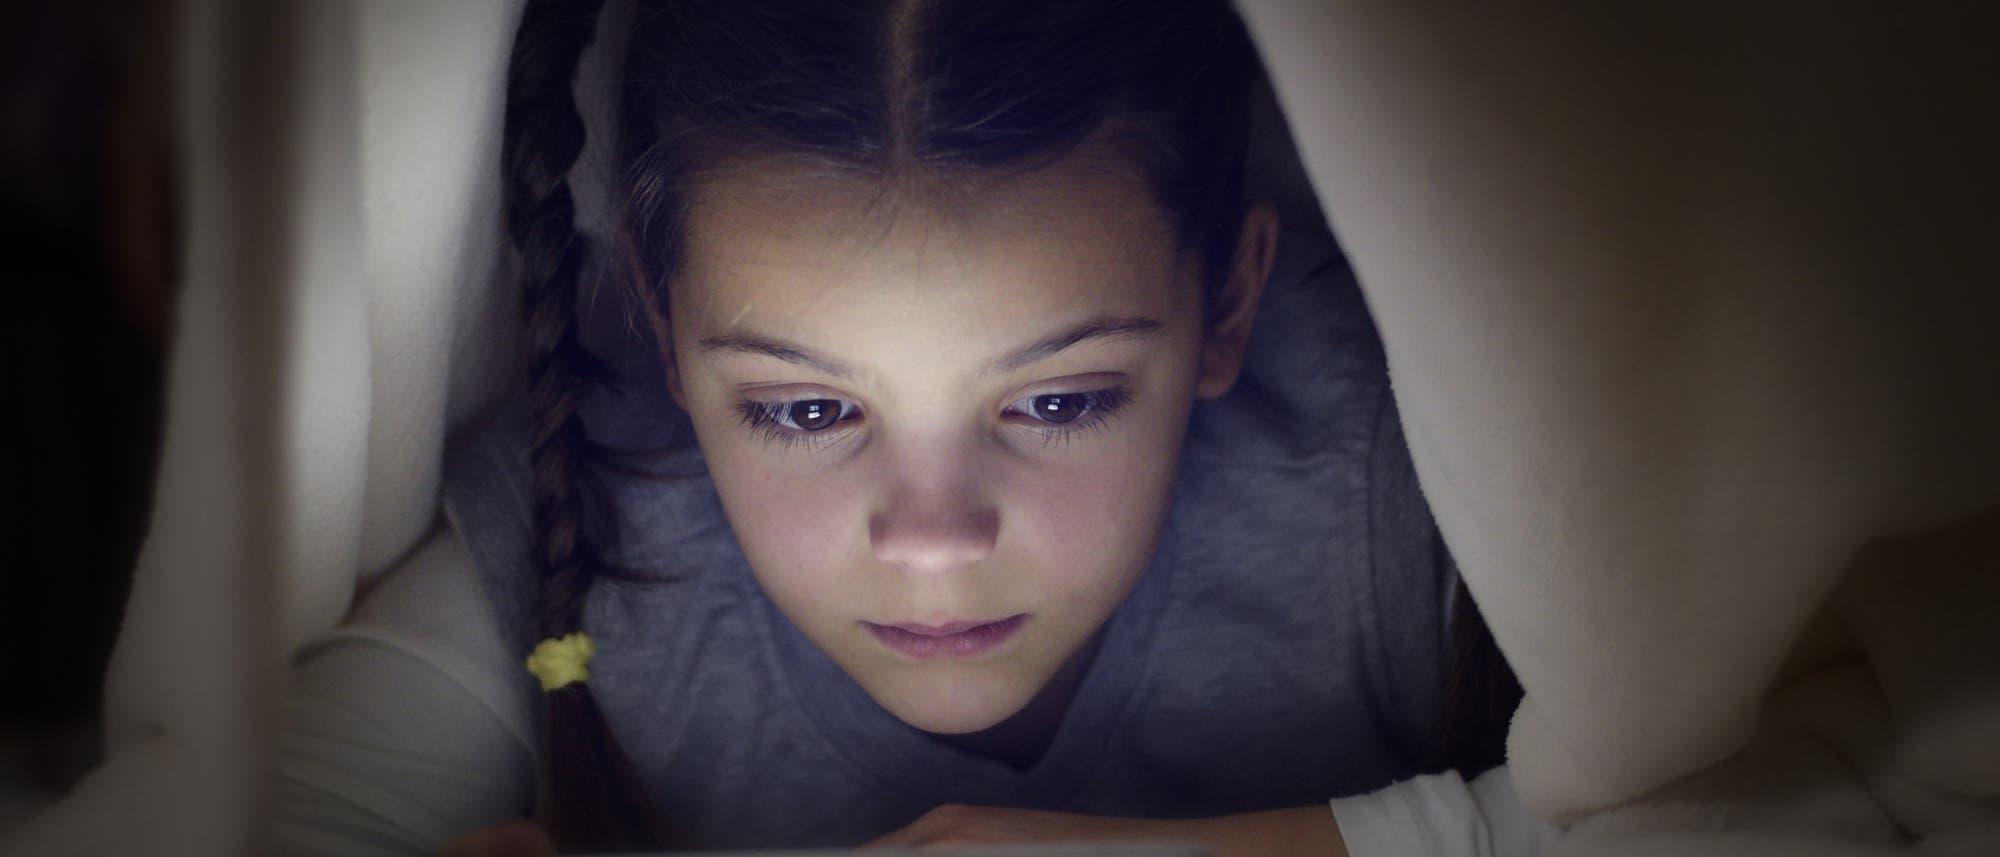 Ein junges Mädchen liegt unter einer Bettdecke und guckt konzentriert auf ein Bildschirmgerät.